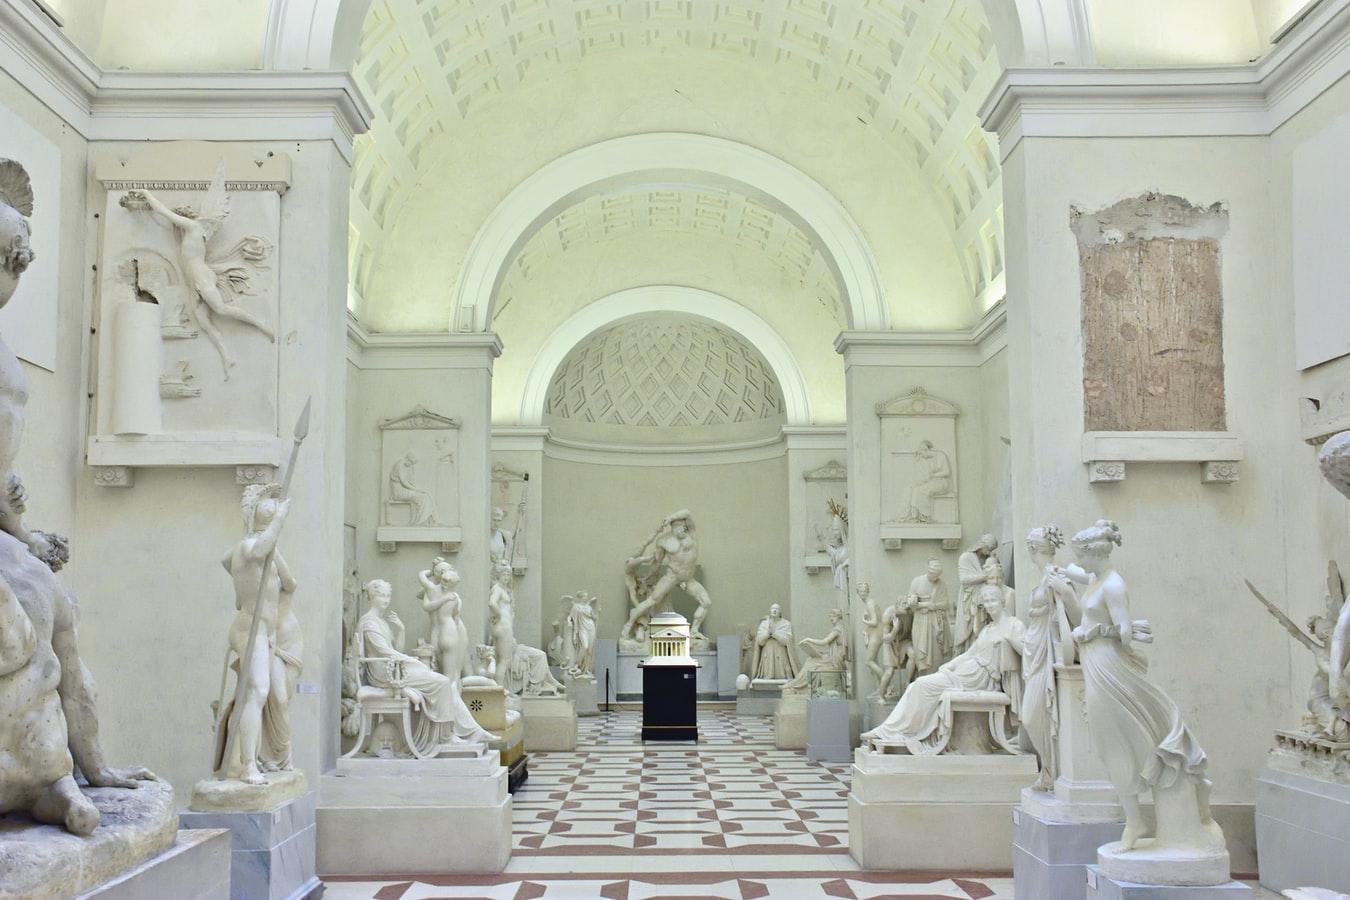 Vous pouvez visiter ces 5 musées... Depuis le confort de votre maison!